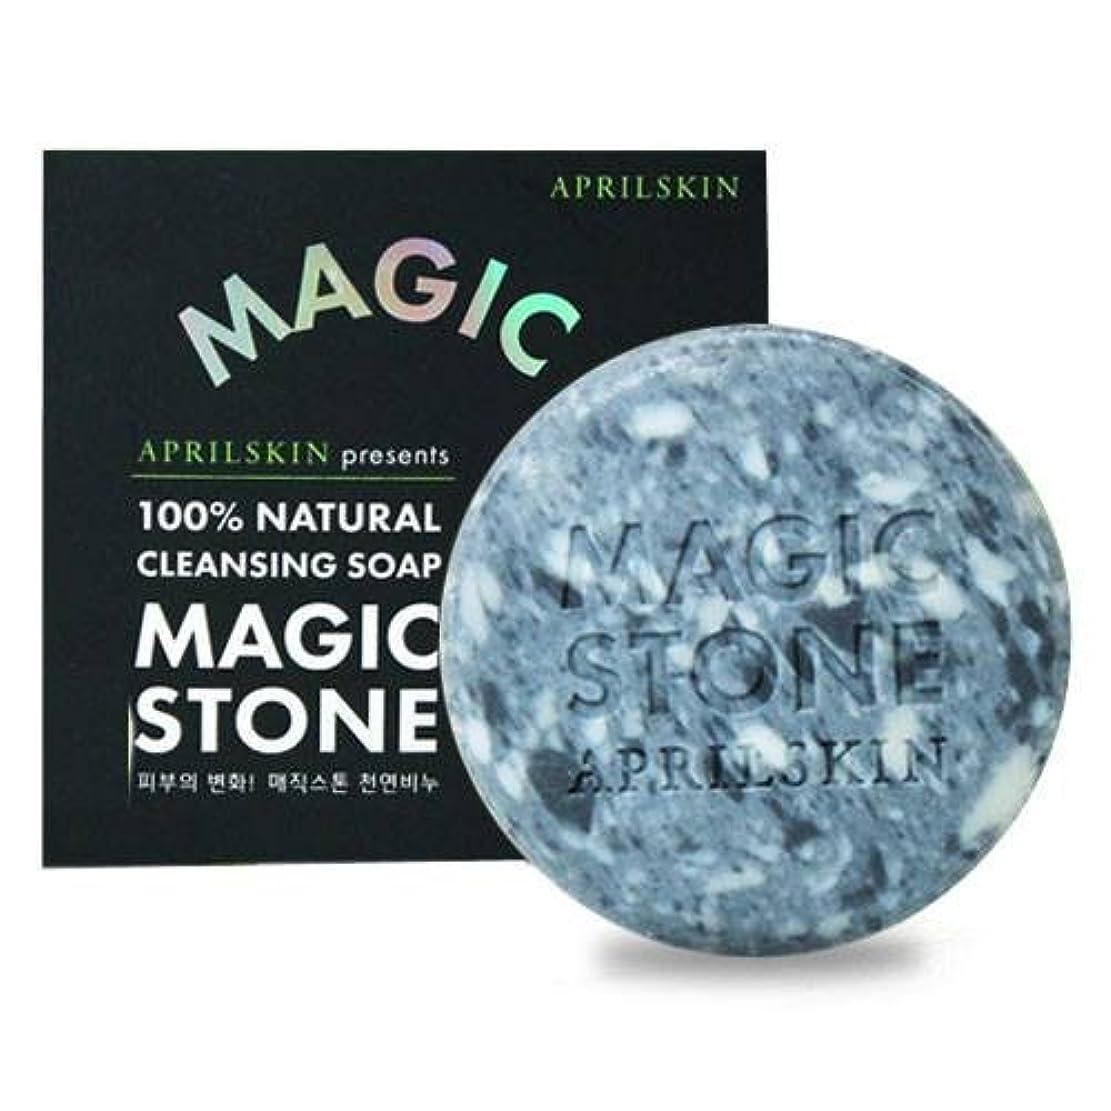 フラフープベーカリーバズ[APRILSKIN] エイプリルスキン国民石鹸 (APRIL SKIN magic stone マジックストーンのリニューアルバージョン新発売) (ORIGINAL) [並行輸入品]